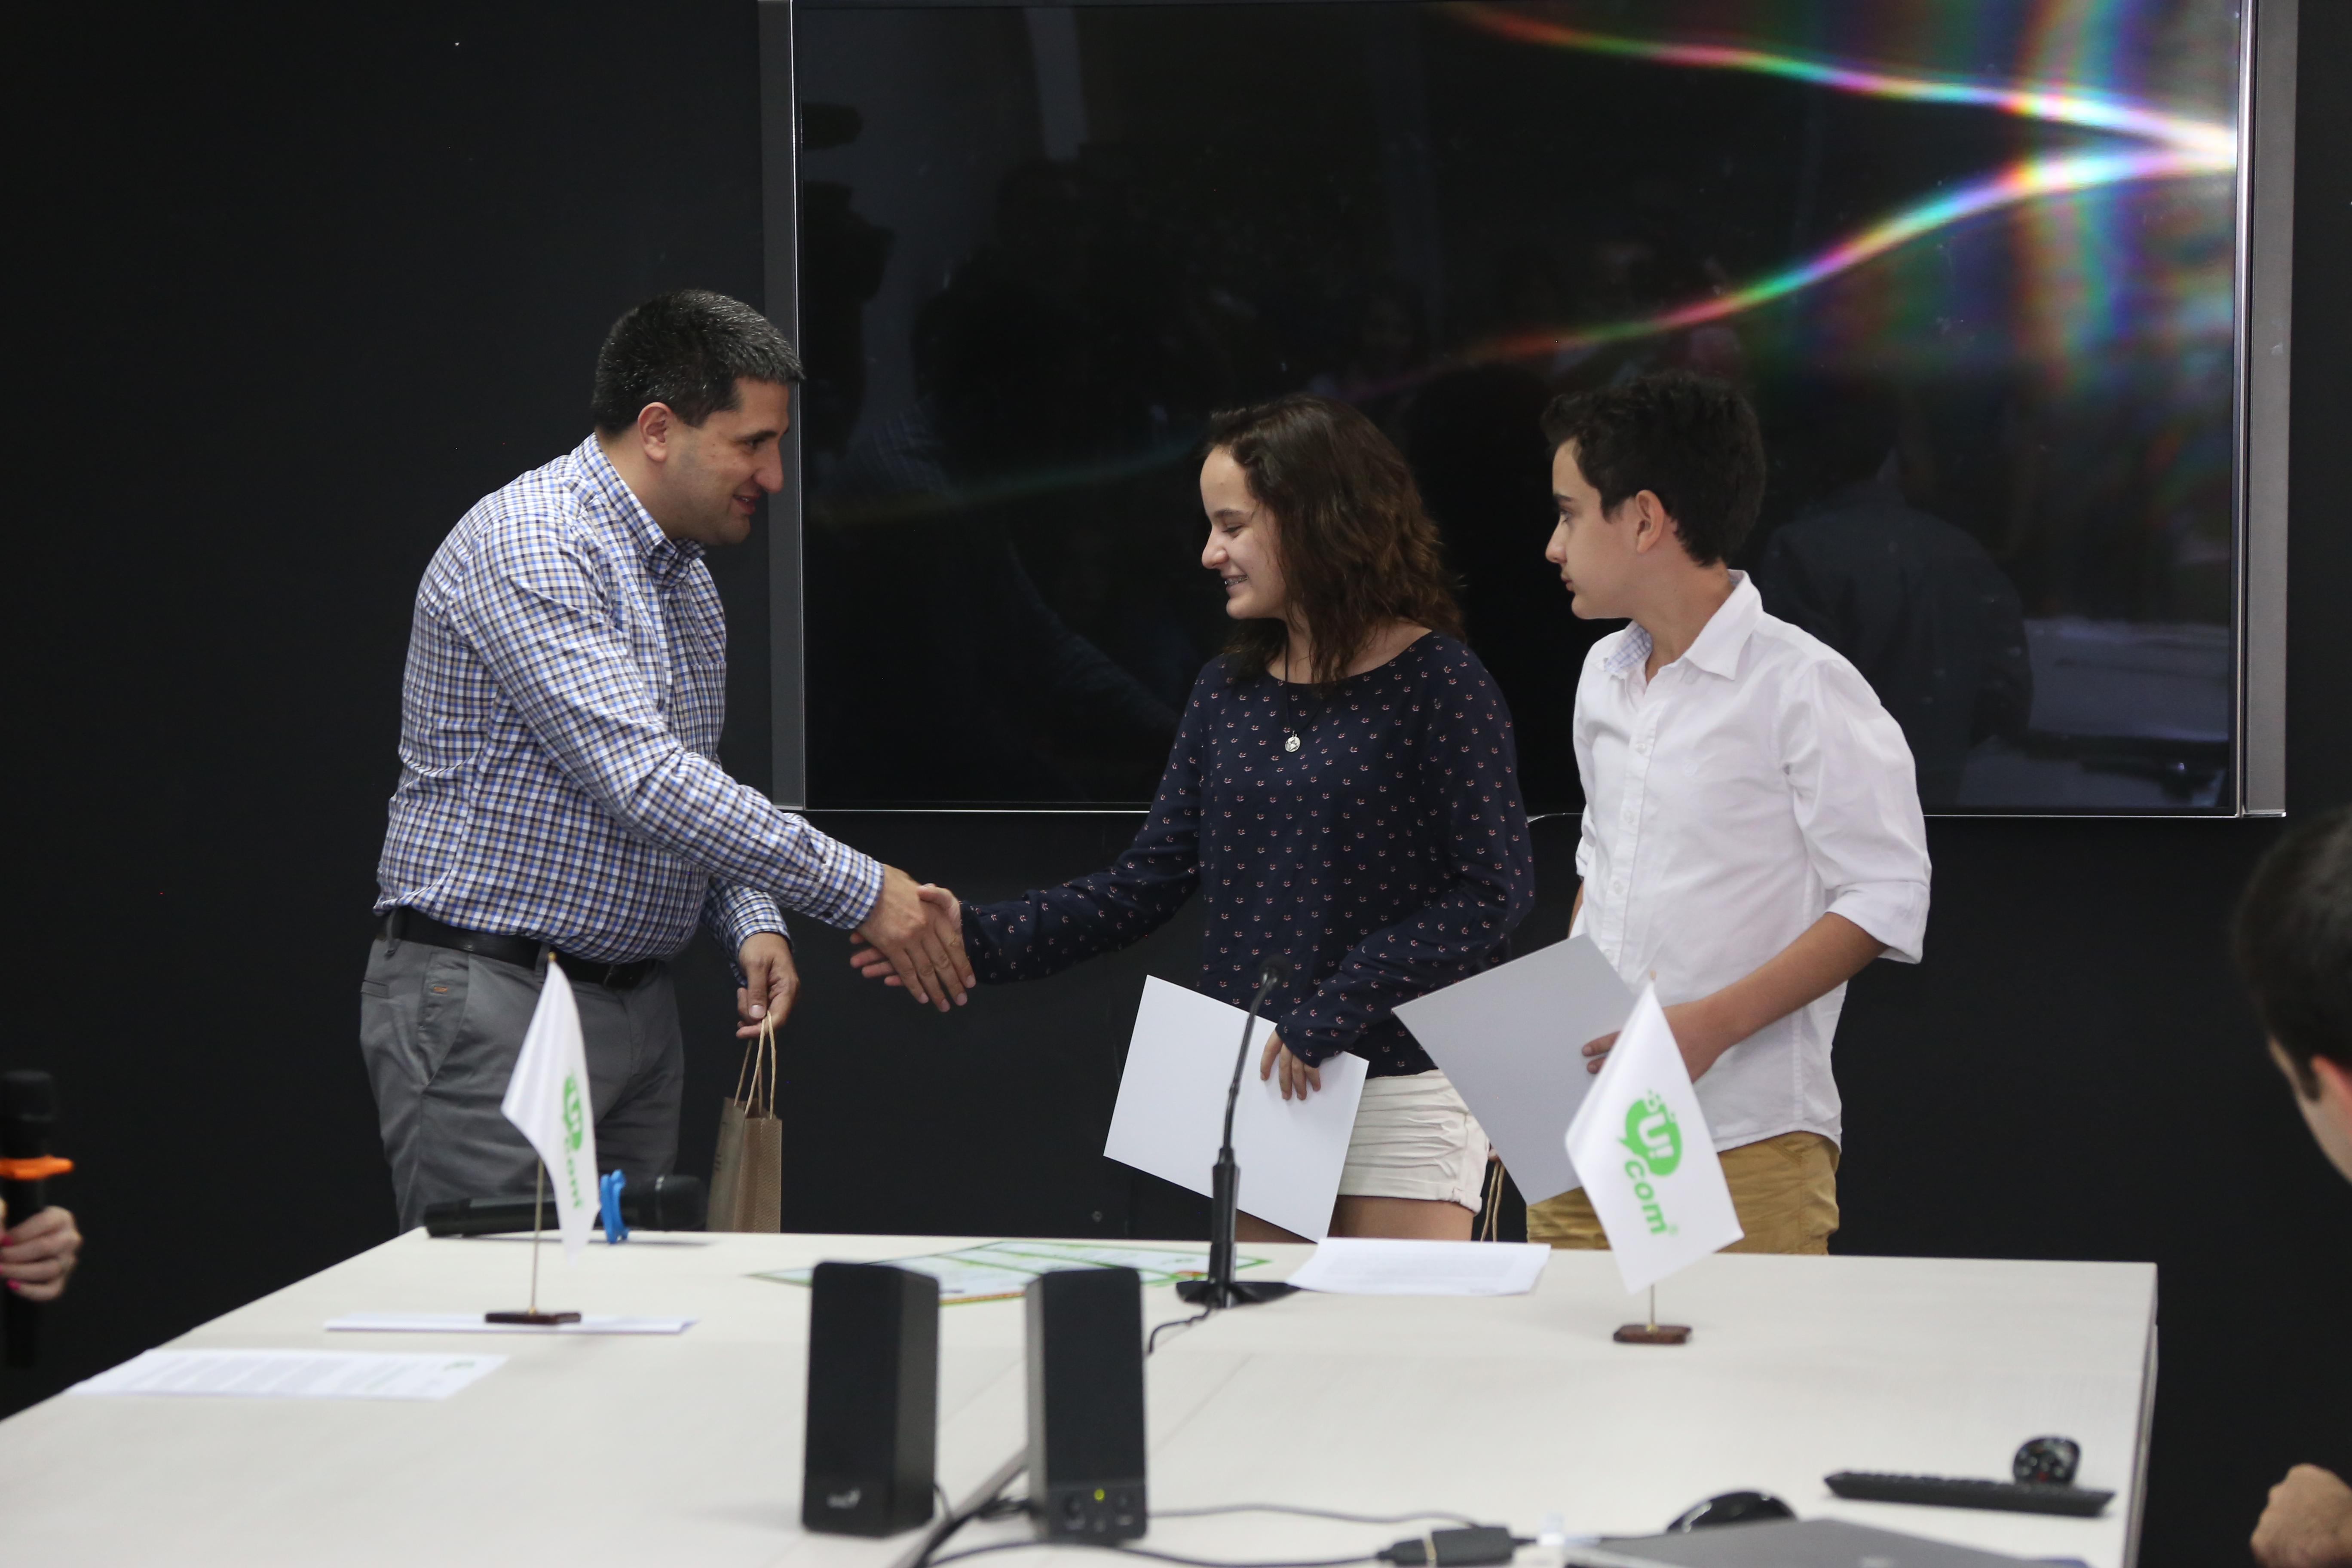 Discovery Science և Ucom. ամփոփվեցին երիտասարդ գիտնականների և նորարարների մրցույթի արդյունքները